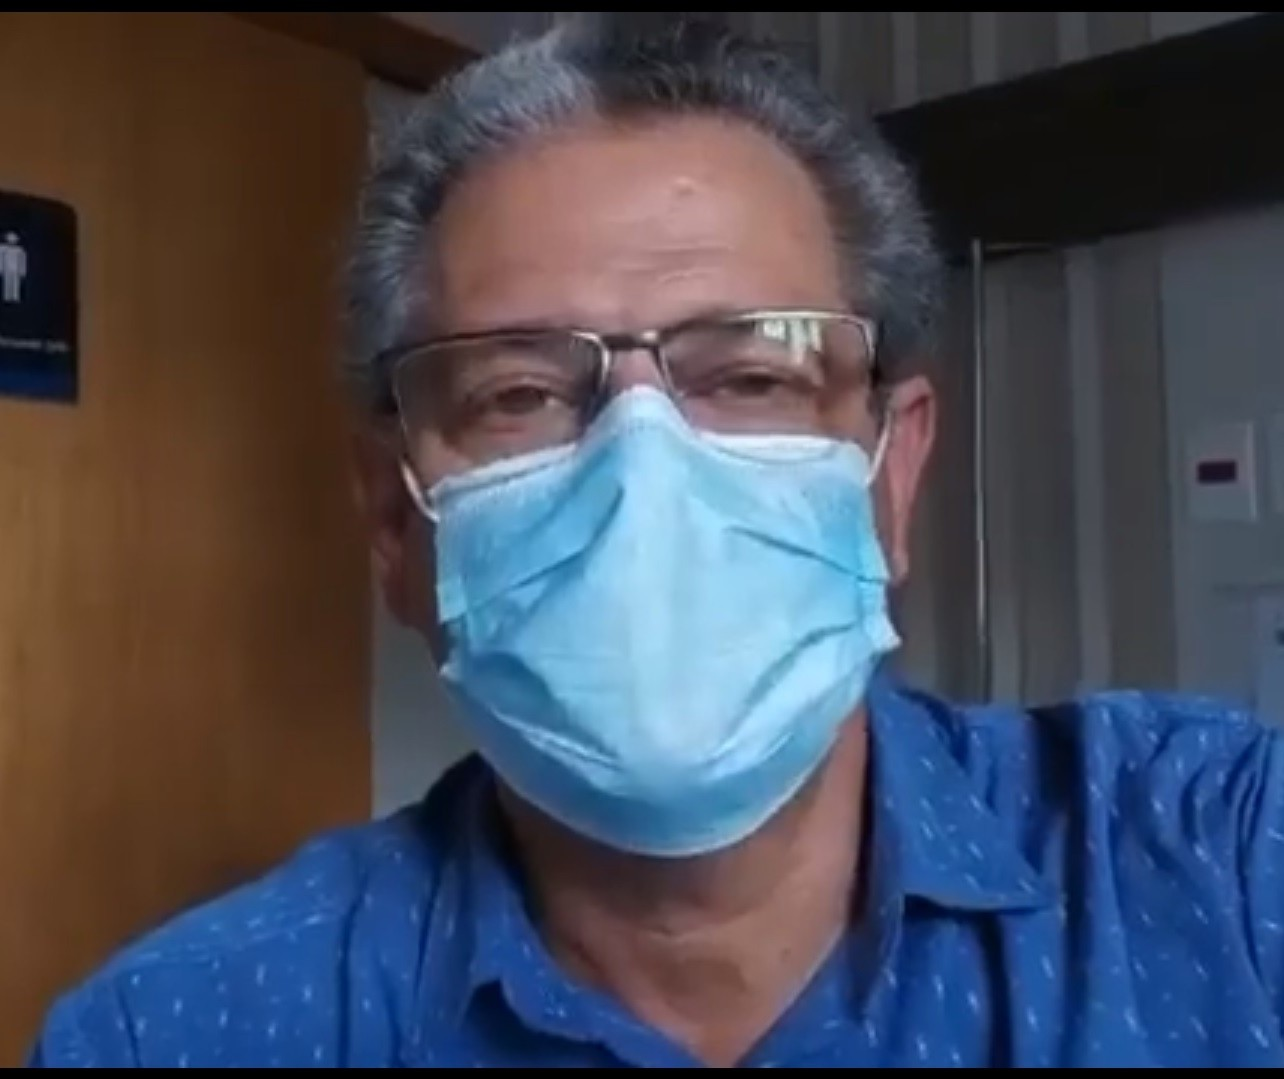 Idosos precisam se vacinar contra a gripe; Exerça a cidadania